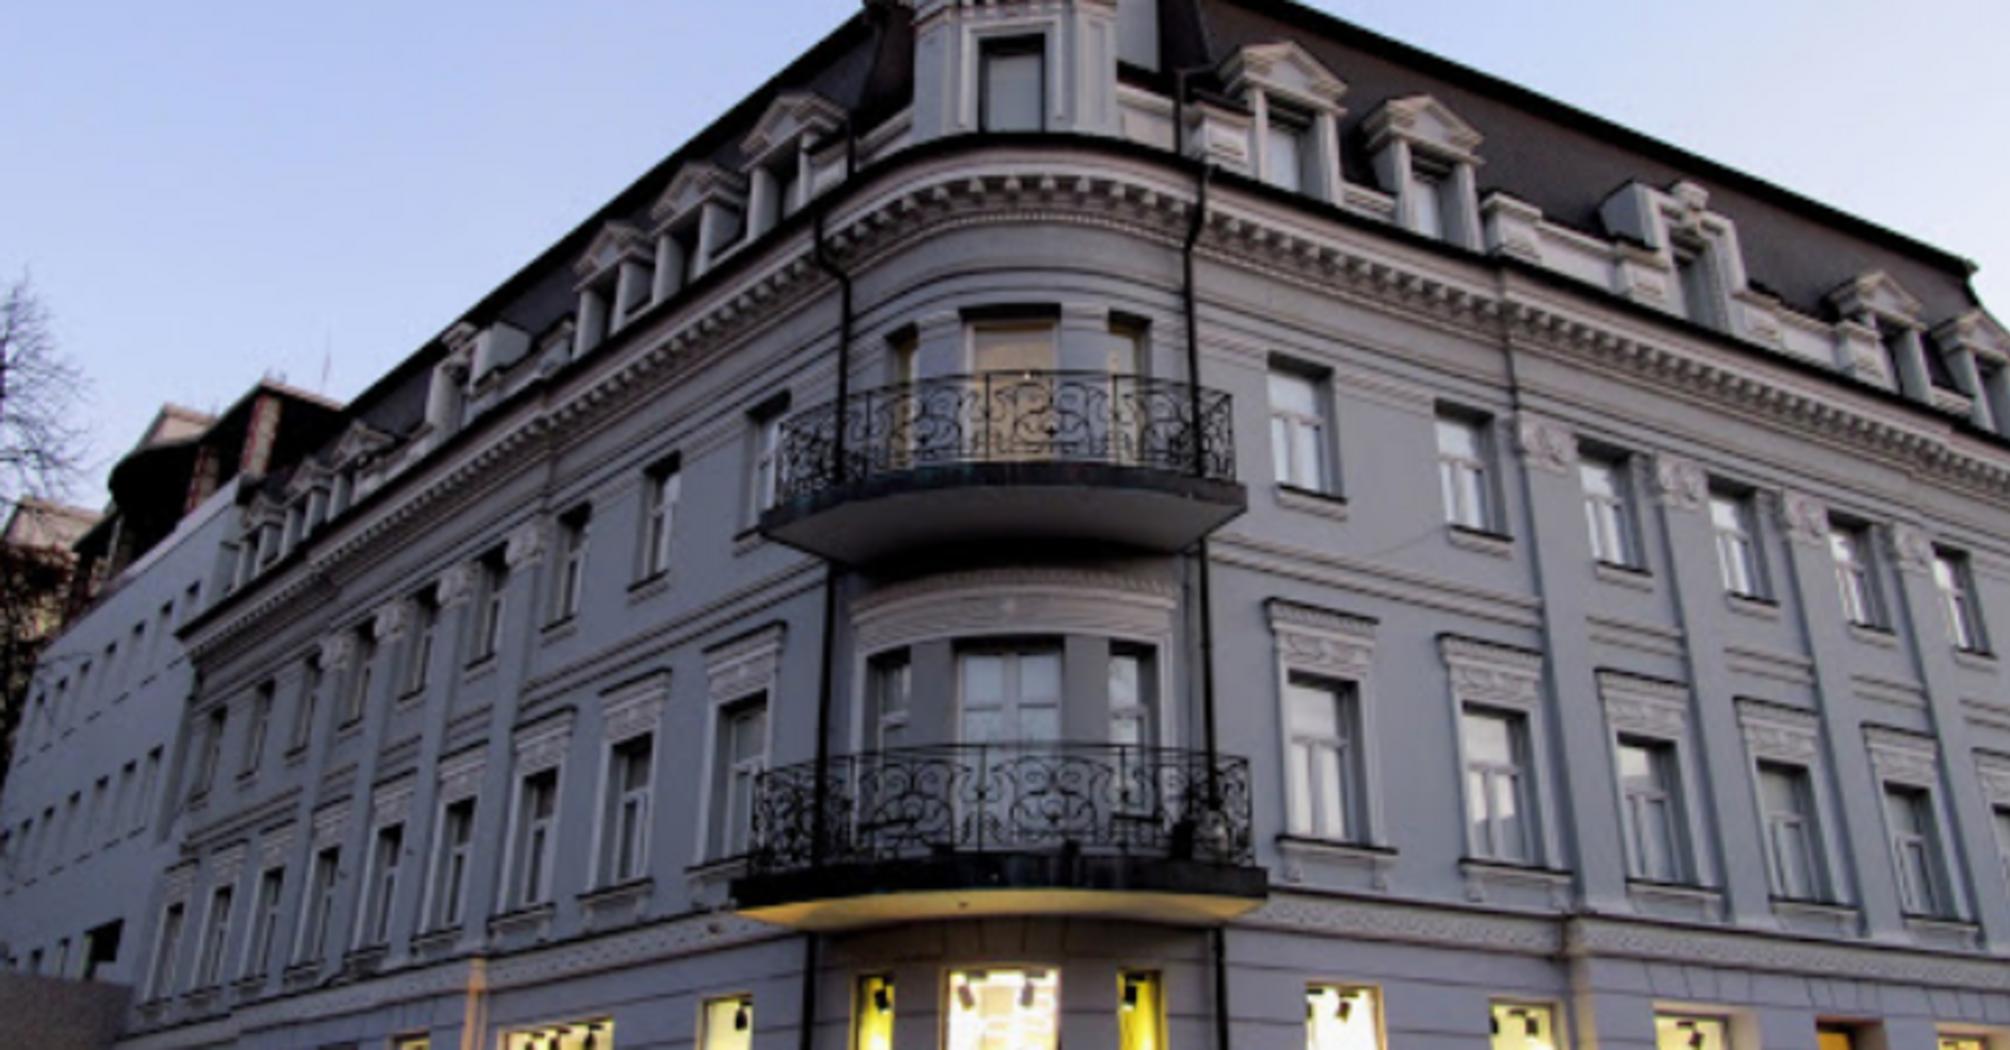 Элитный бутик в центре Киева, где работал глава ОП, решил не закрываться на карантин. Фото